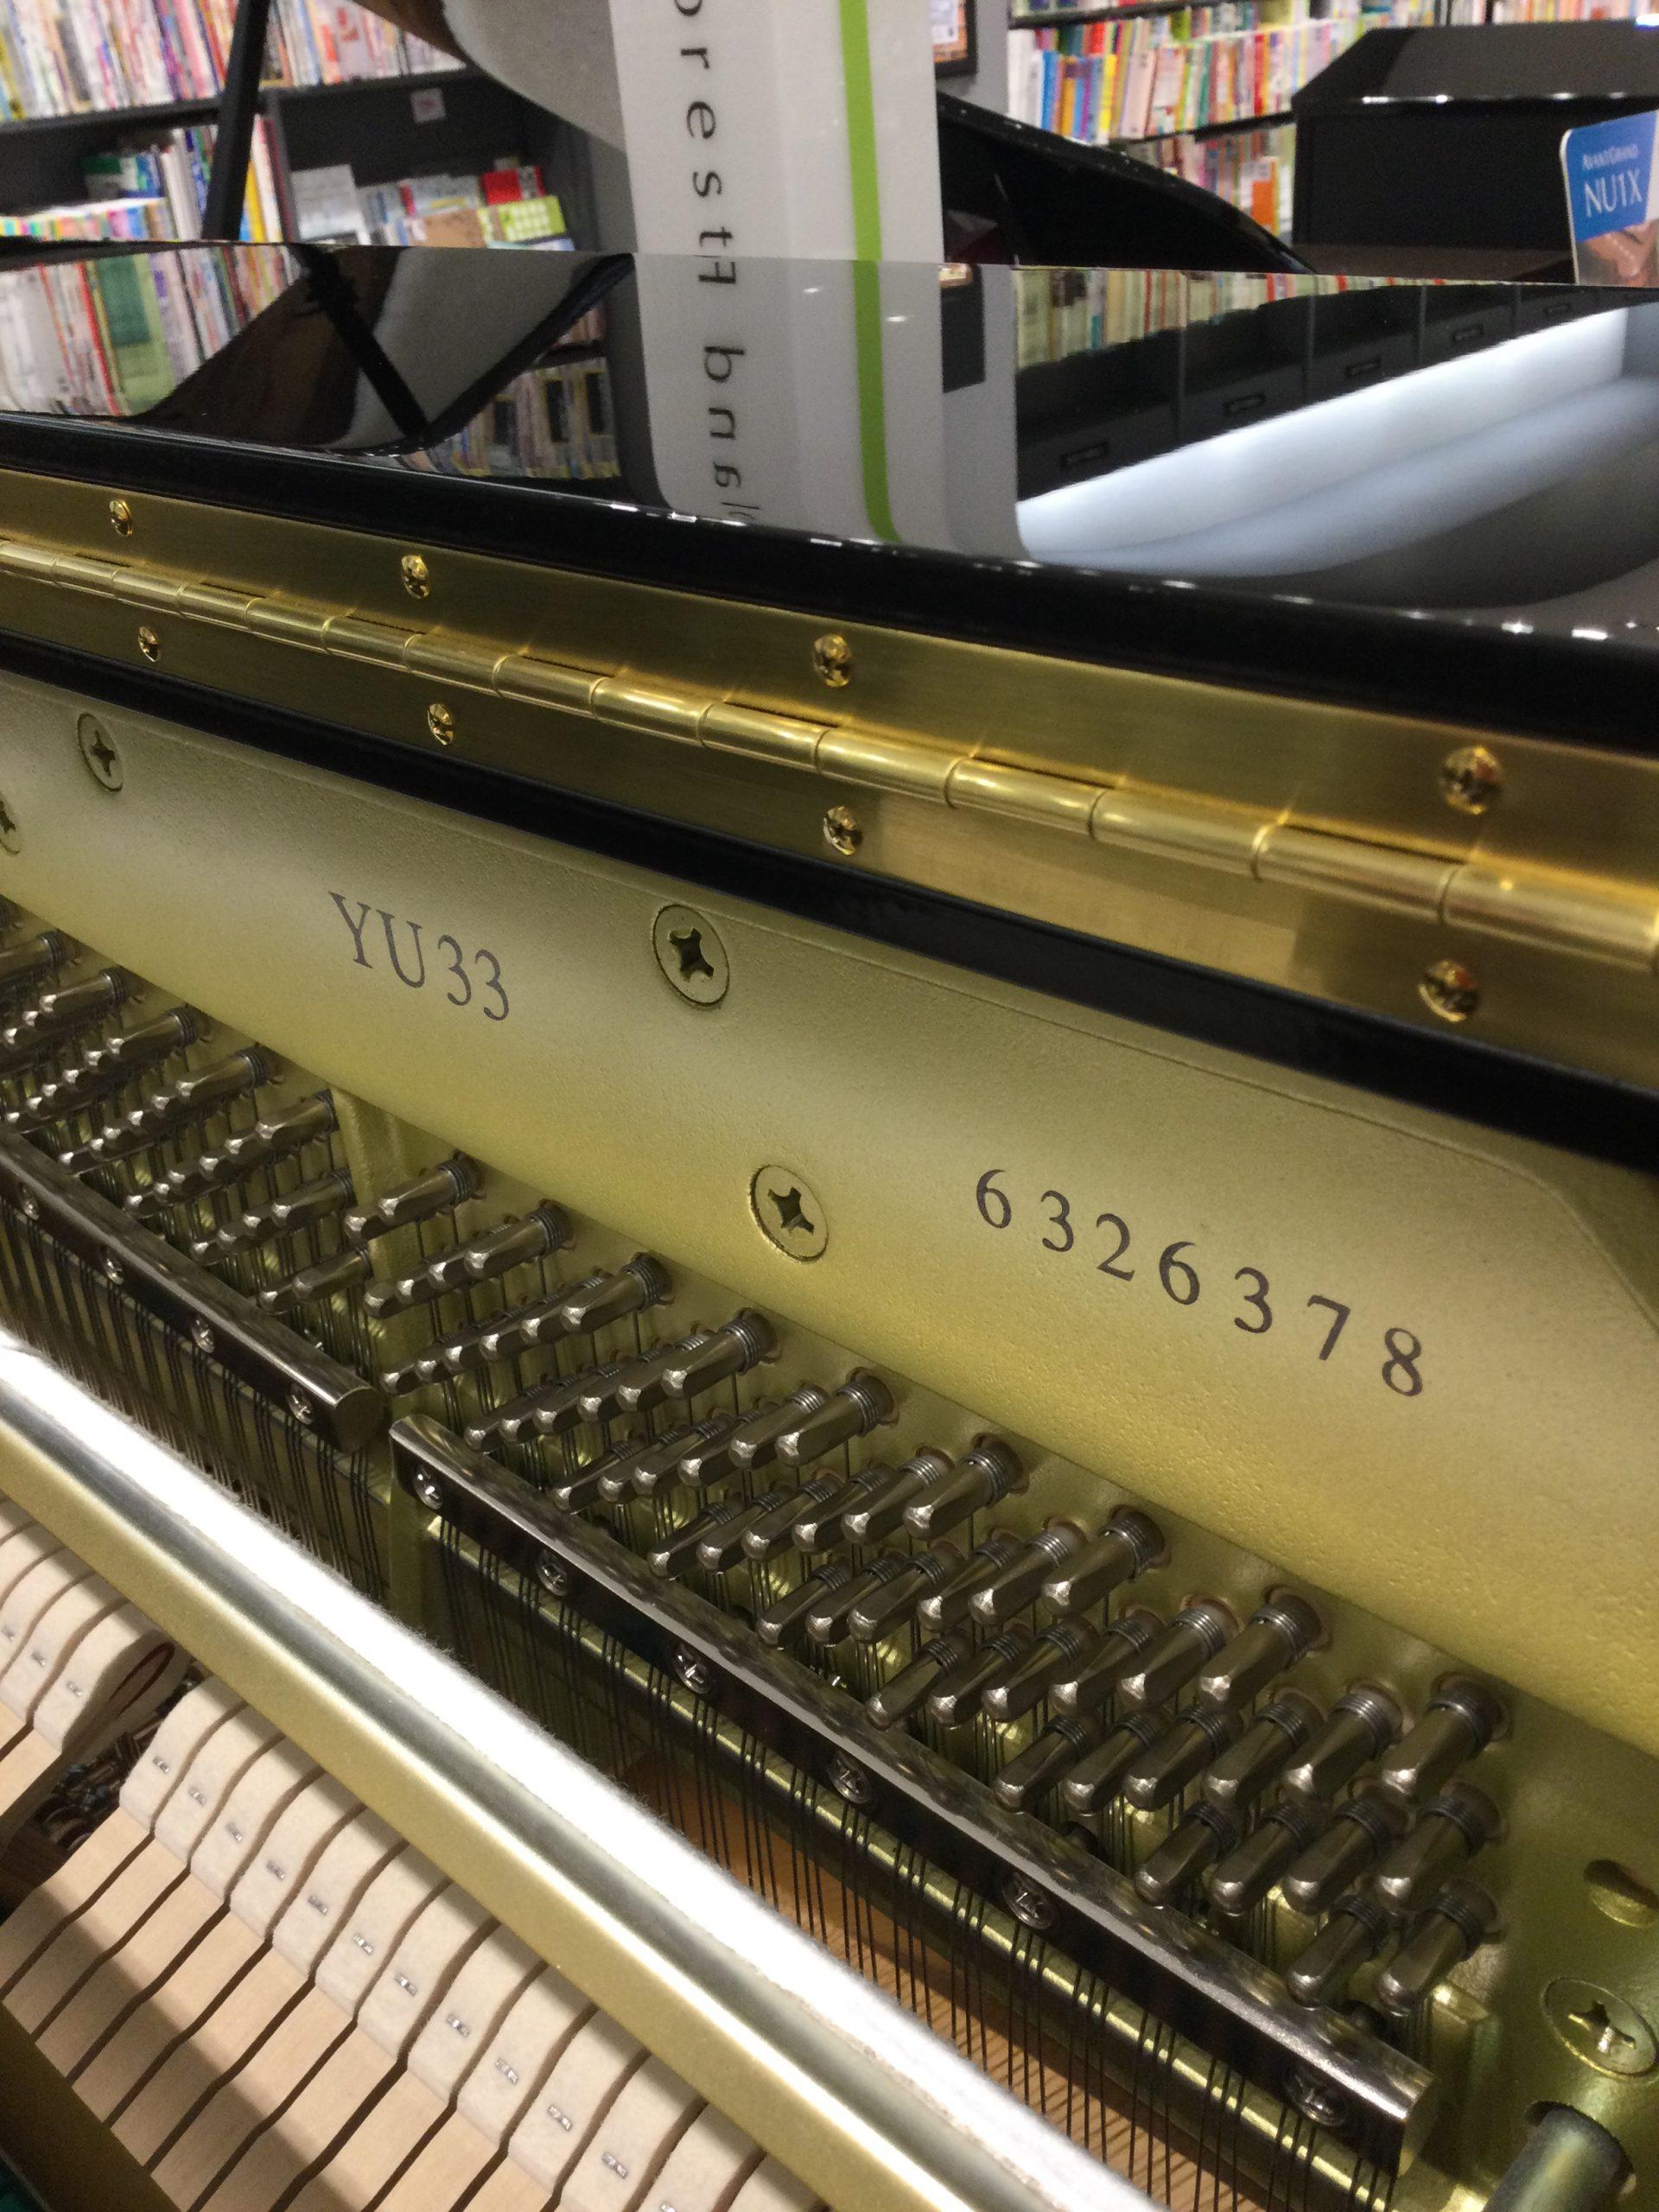 中古YU33 柏 流山おおたかの森 松戸 野田 守谷 島村楽器 柏の葉店 アップライトピアノ中古ピアノ人気